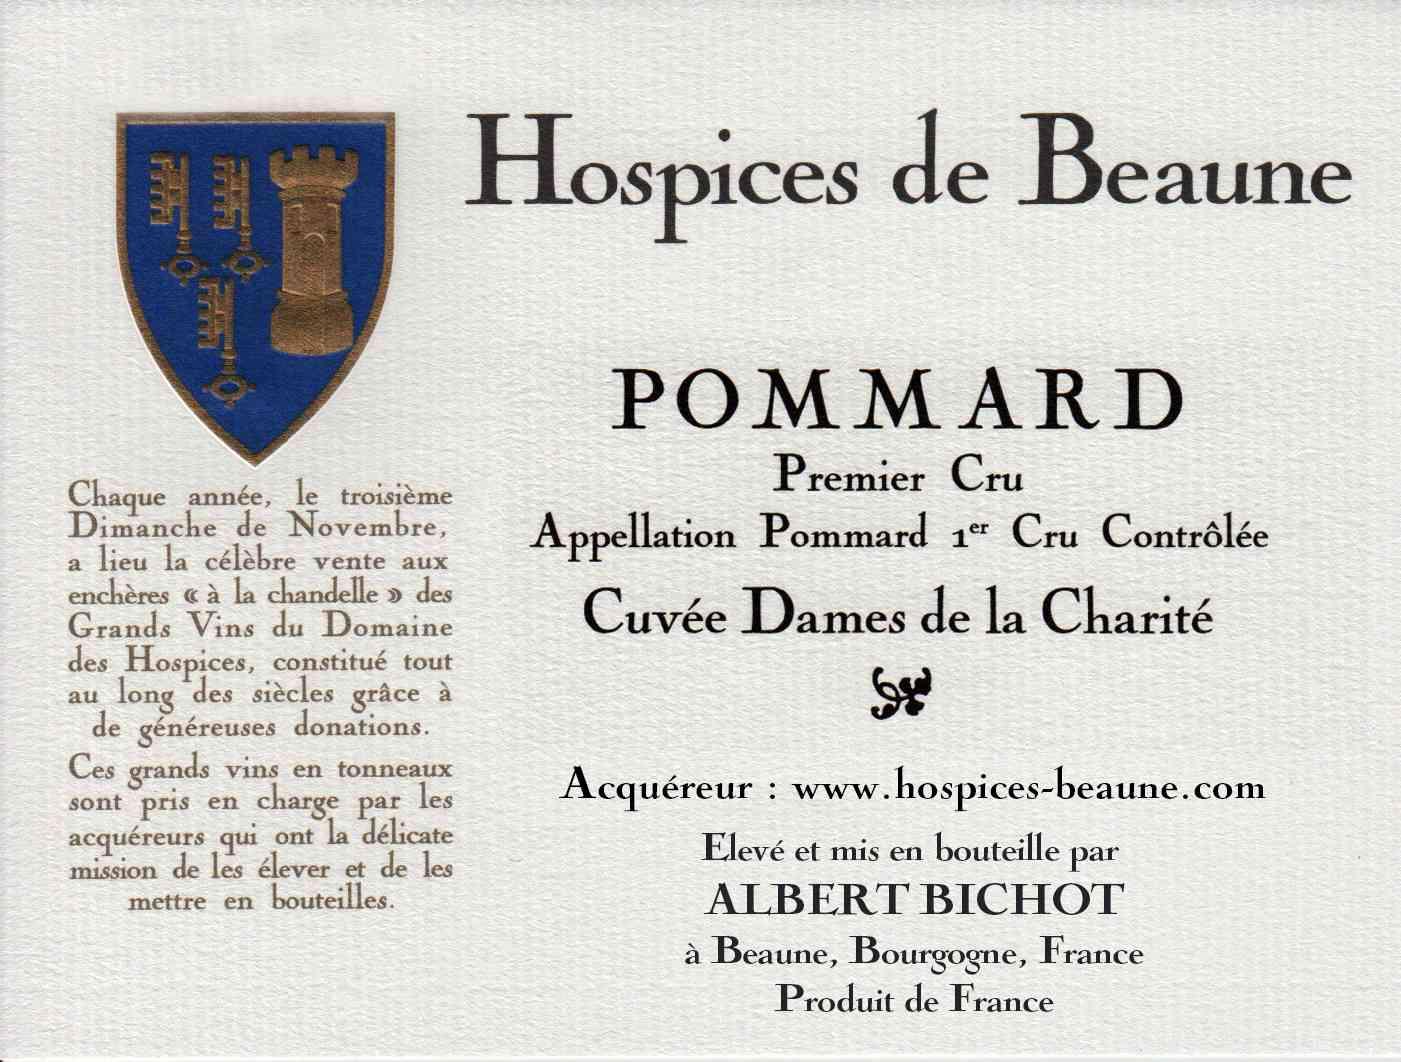 Encheres-auction-HospicesdeBeaune-AlbertBichot-Pommard-PremierCru-Cuvee-DamesdelaCharite